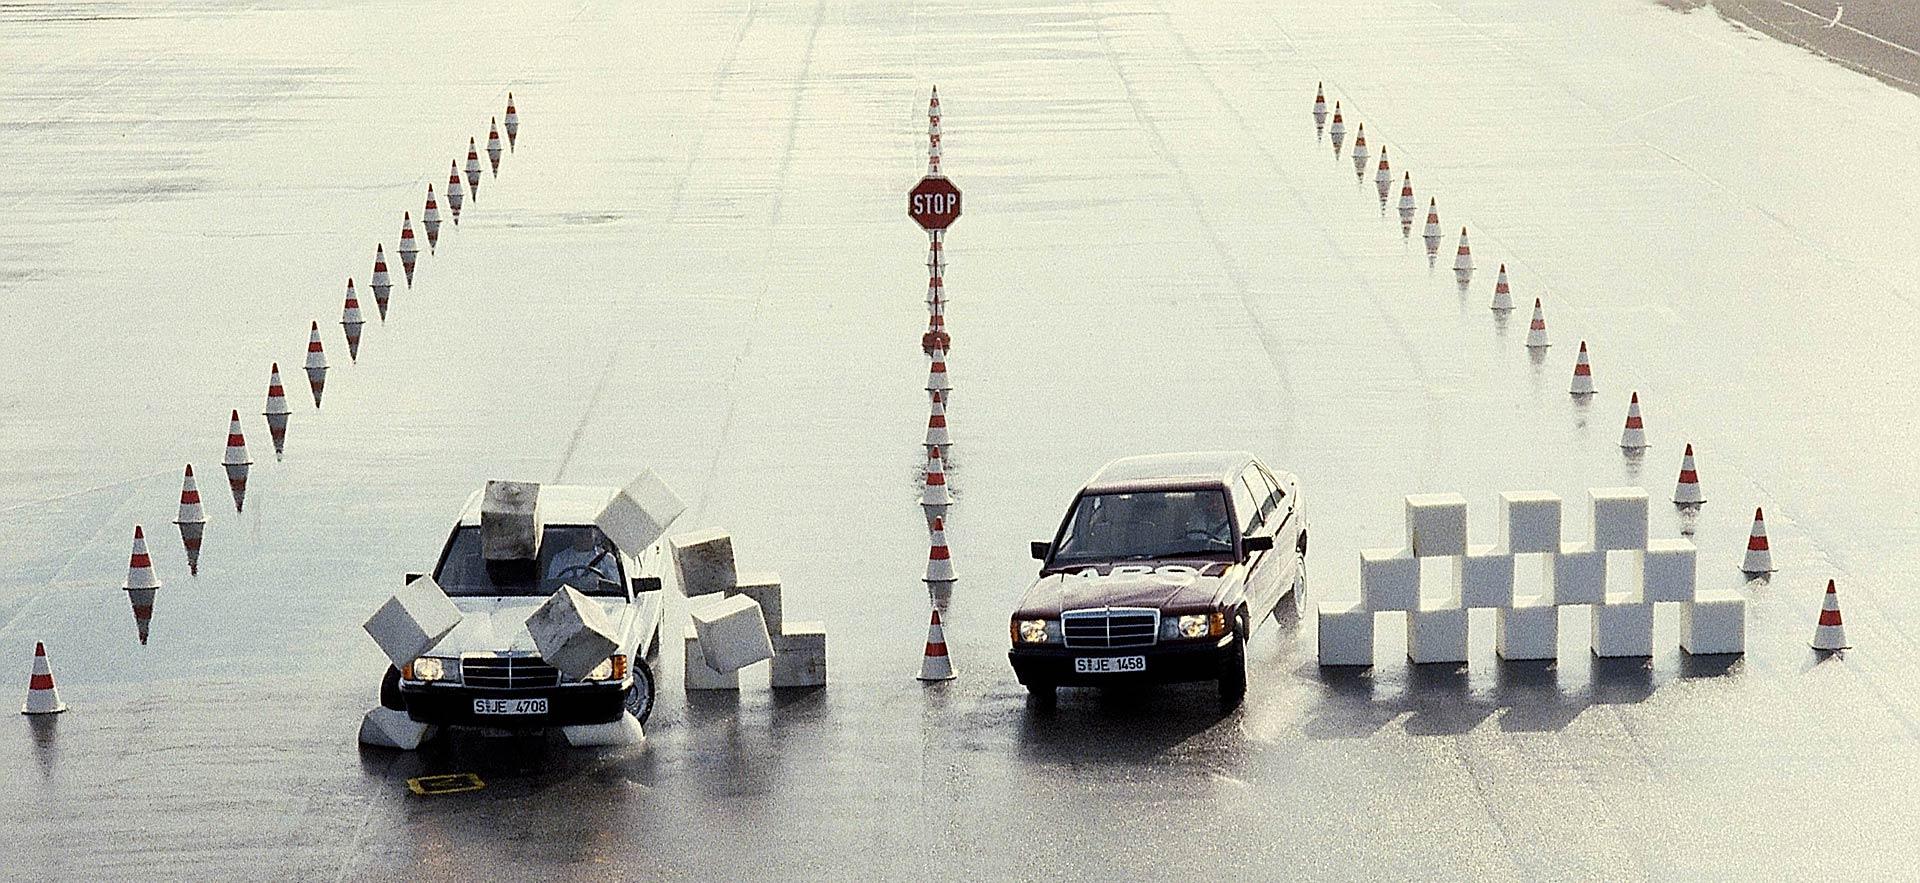 Bosch durante i test su Mercedes del sistema ABS, frenata ed evitamento ostacolo